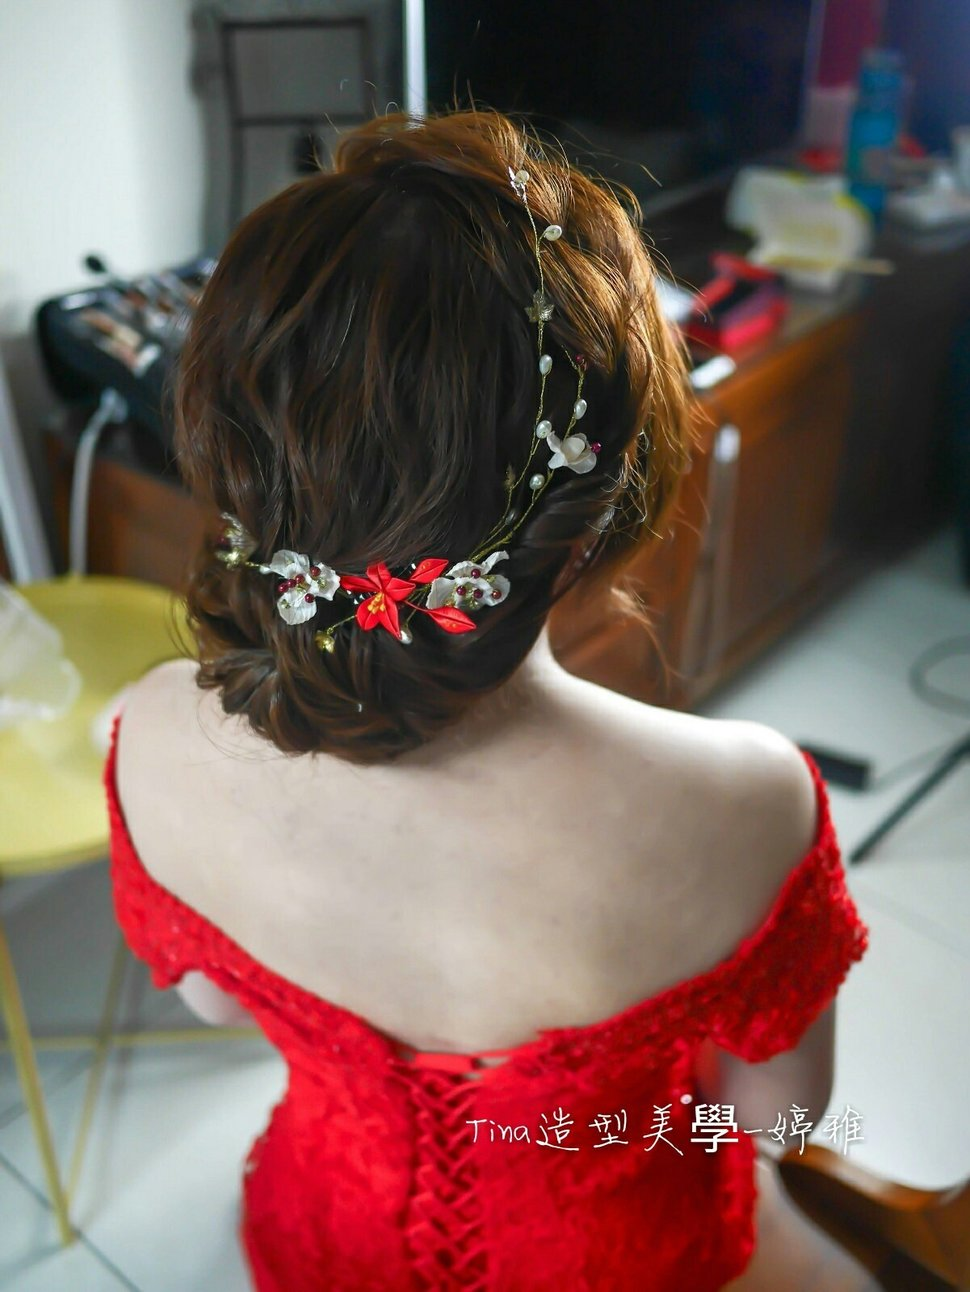 婚宴照片_190115_0023 - 雲林新秘/嘉義新娘秘書/Tina造型美學《結婚吧》